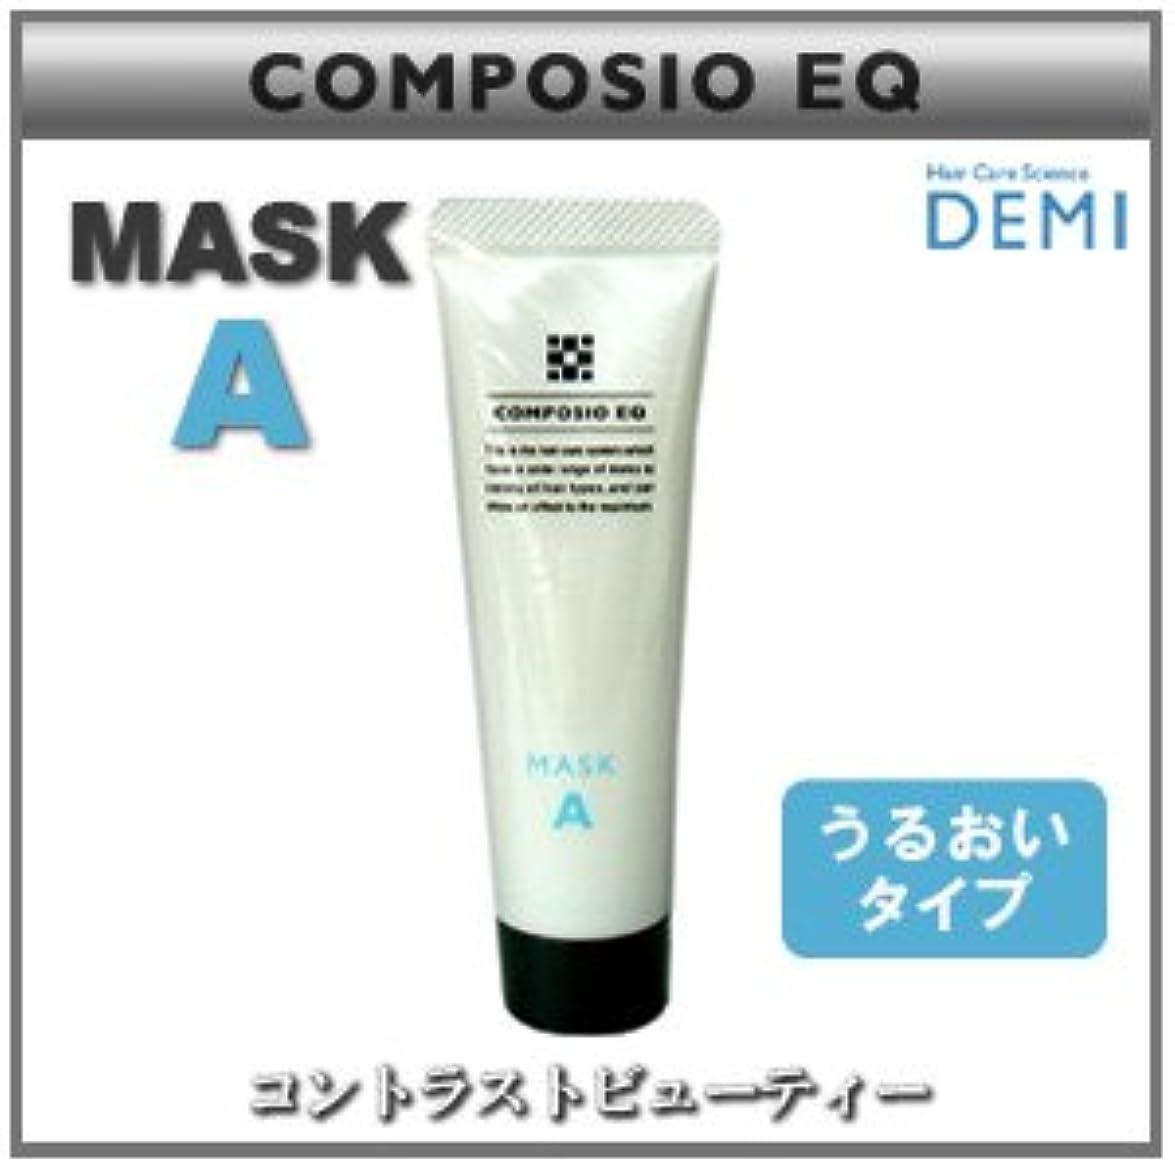 防ぐ酔っ払い首相【X3個セット】 デミ コンポジオ EQ マスク A 50g